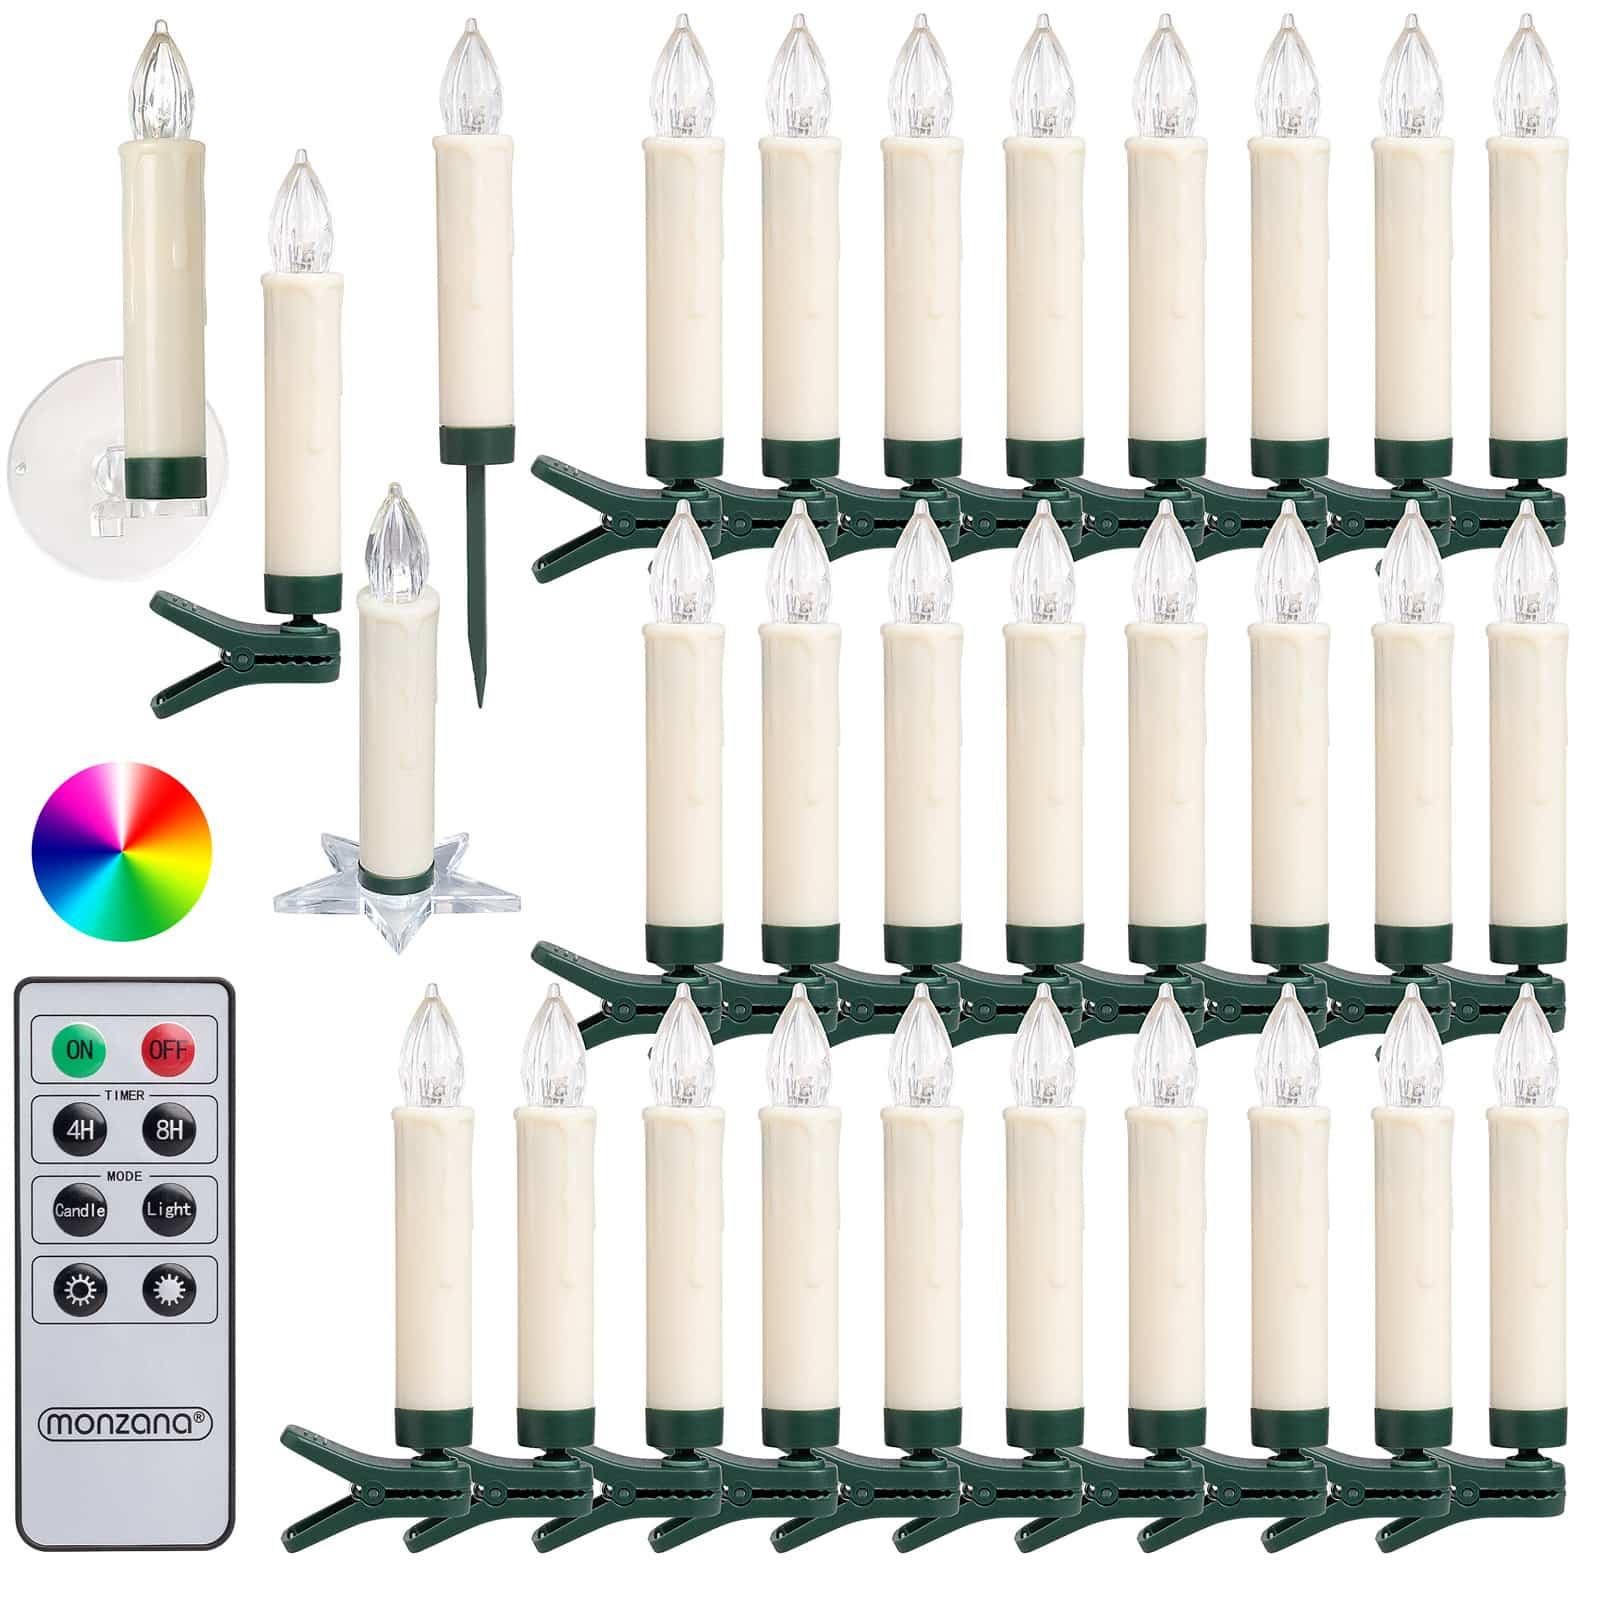 30x Bougies de Noël LED multicolore